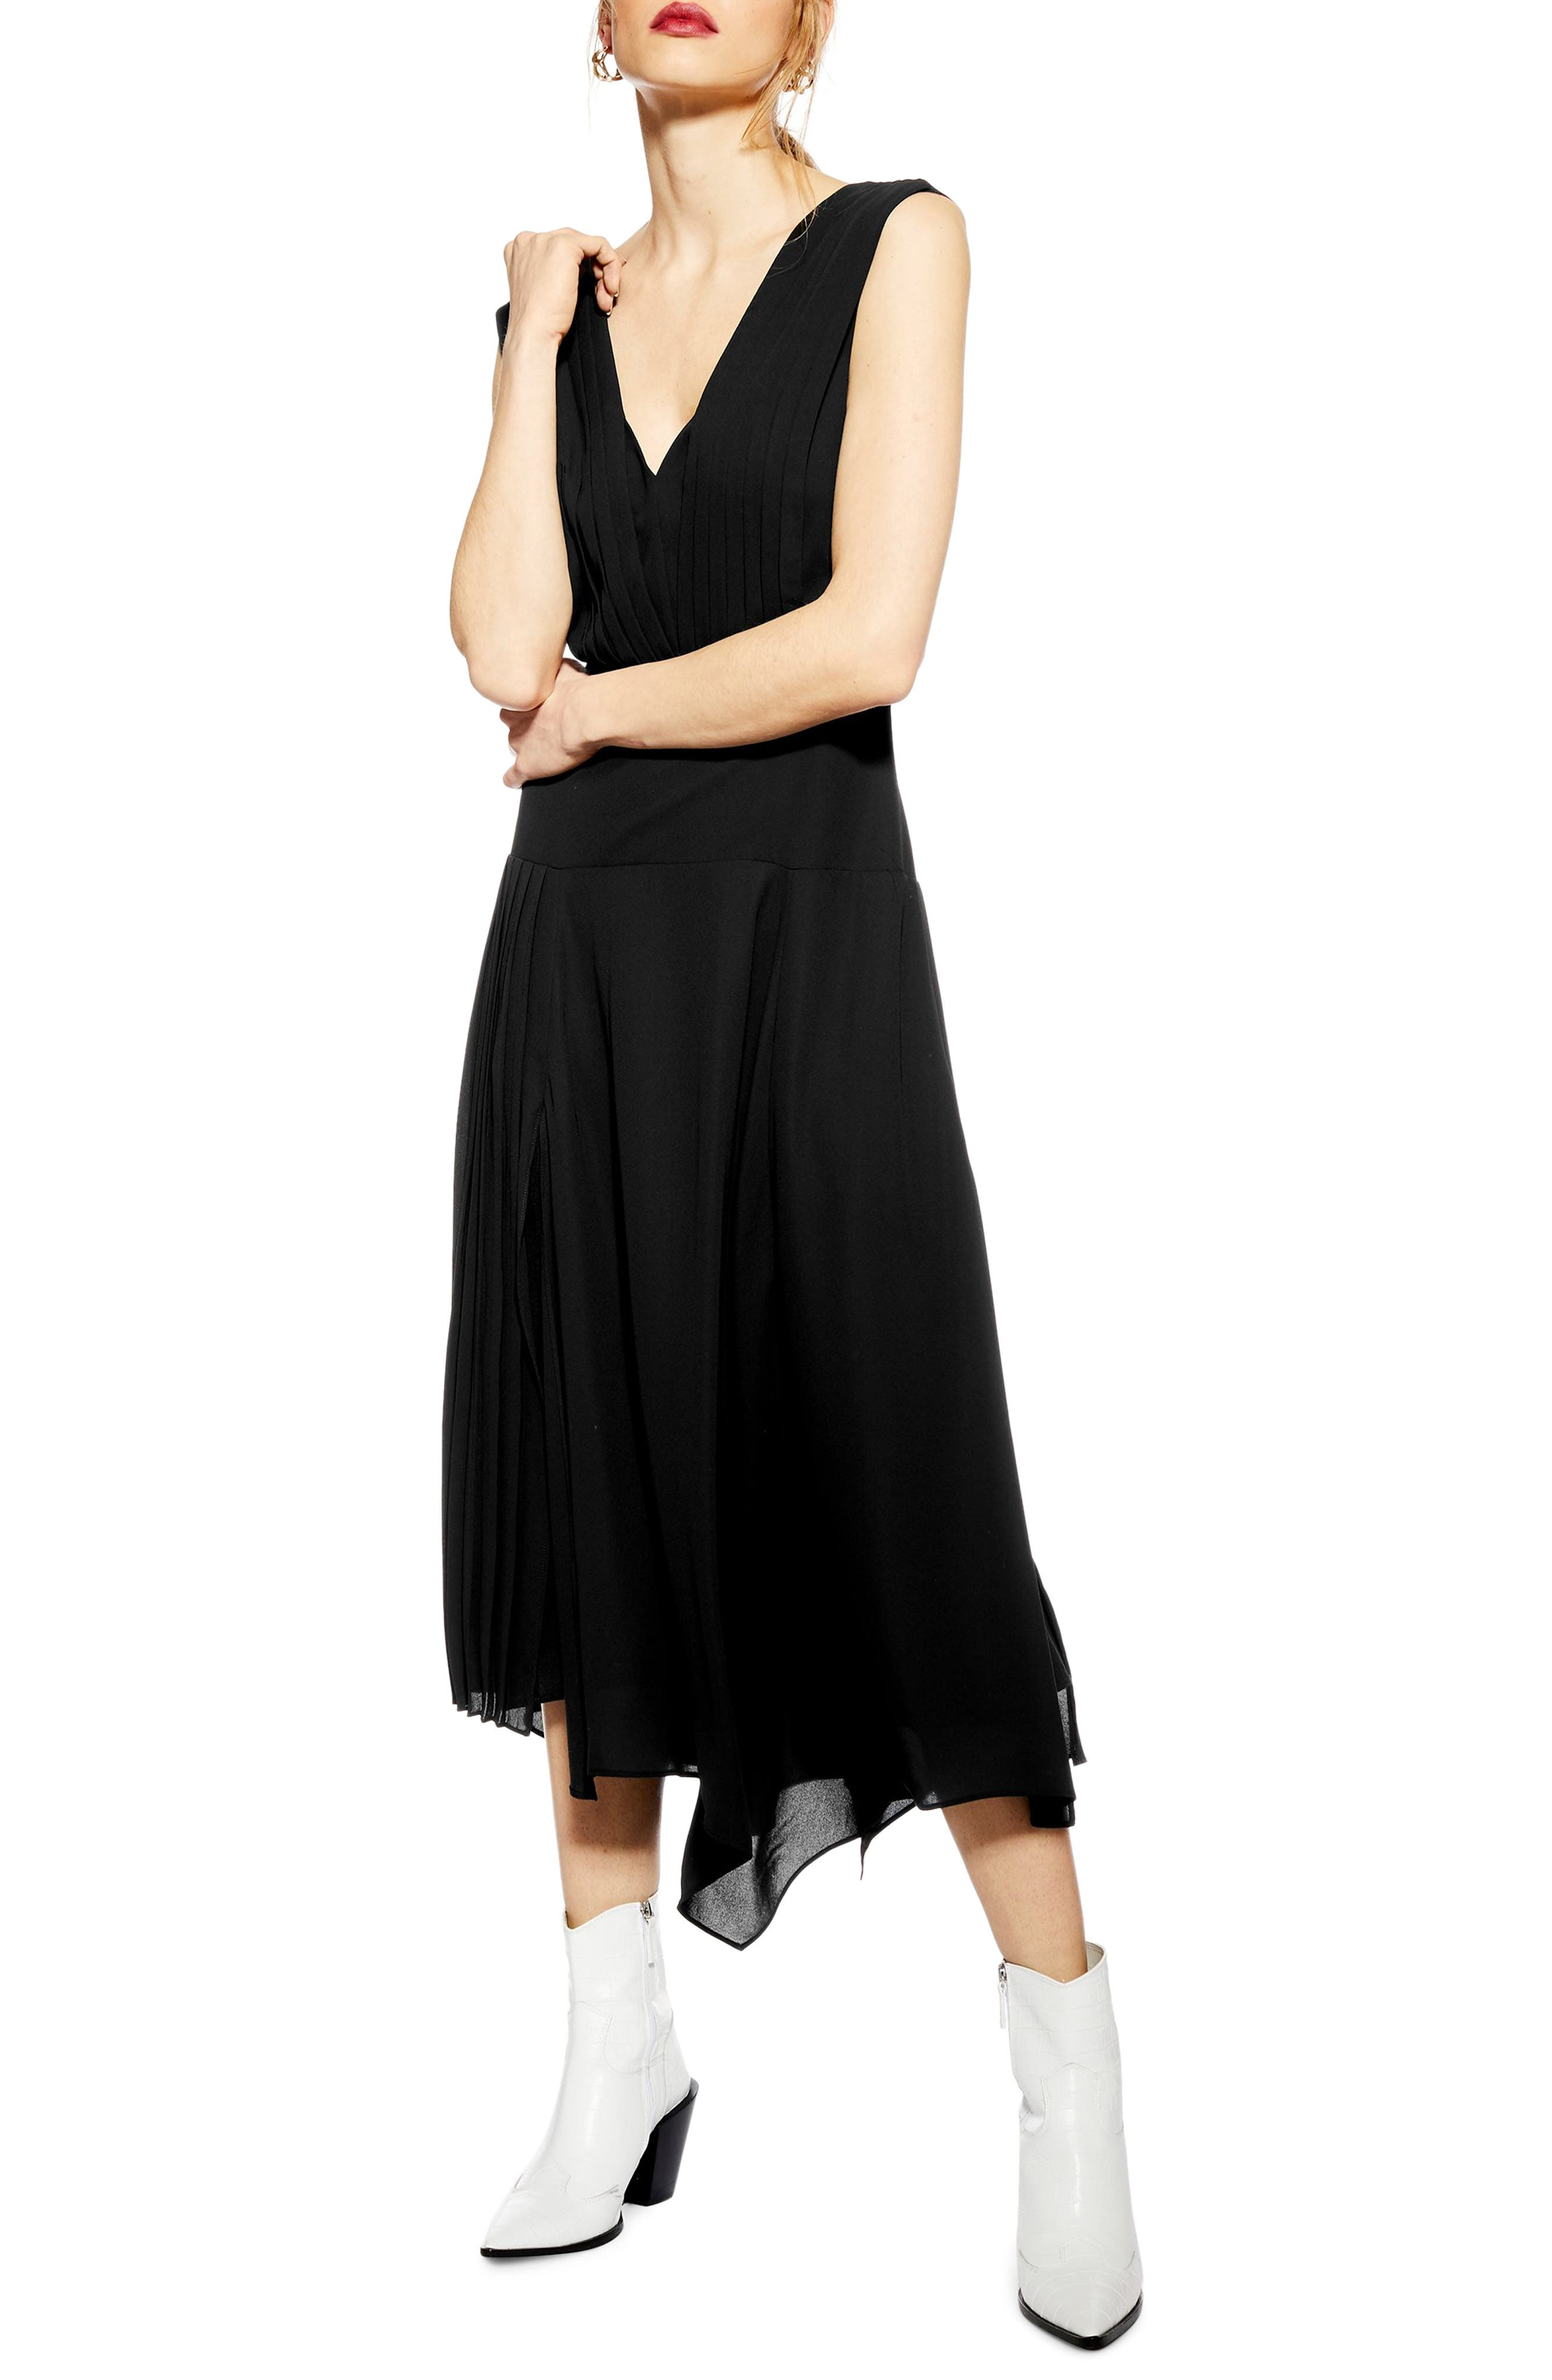 Topshop Pleated Pinafore Midi Dress, US (fits like 0-2) - Black